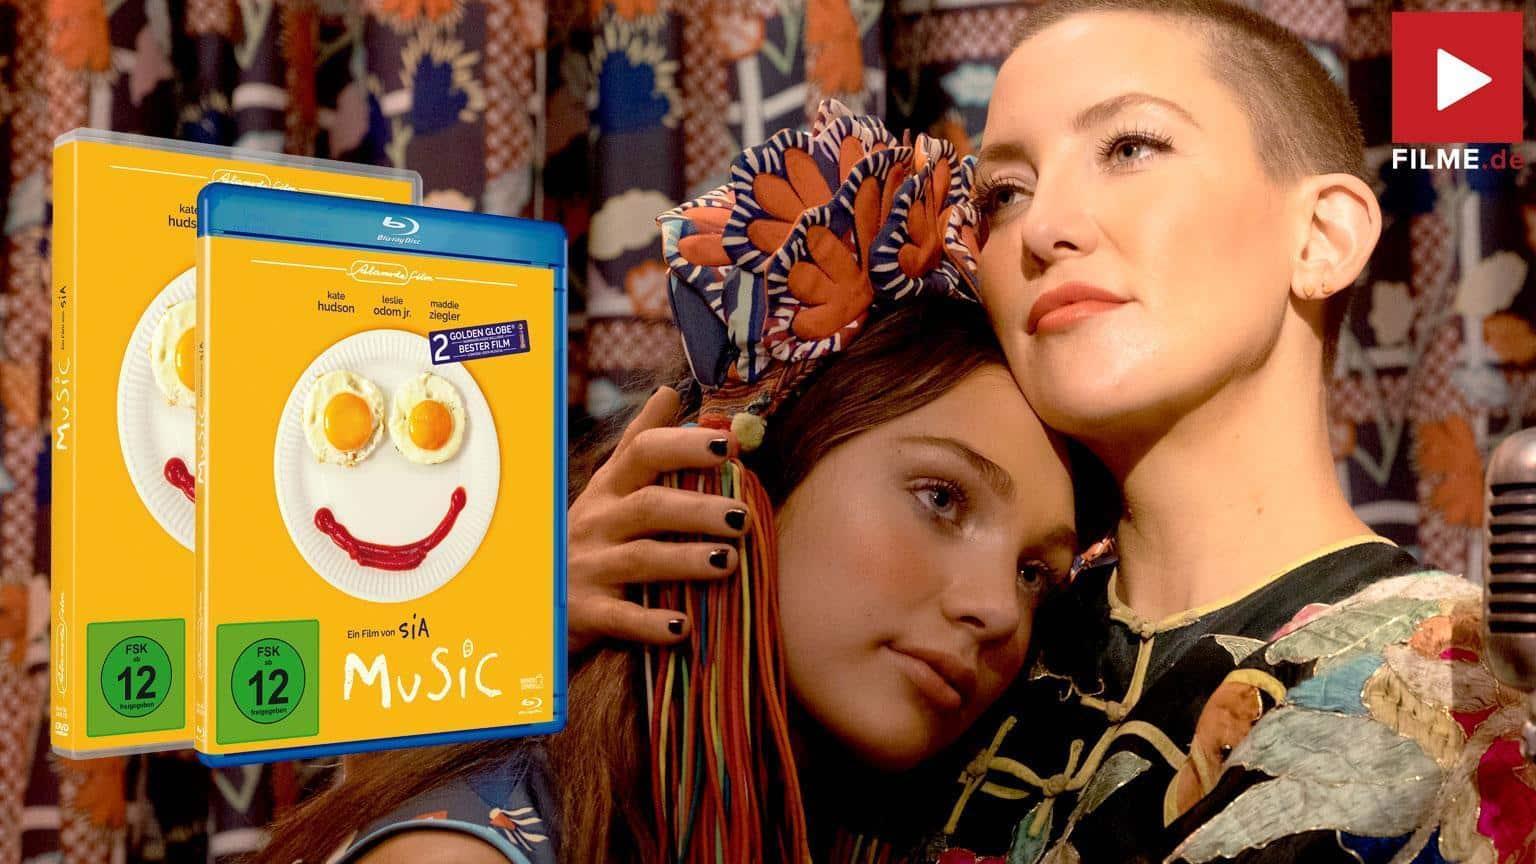 Music von Sia Kate Hudson Gewinnspiel gewinnen Blu-ray DVD sho kaufen kostenlos Artikelbild